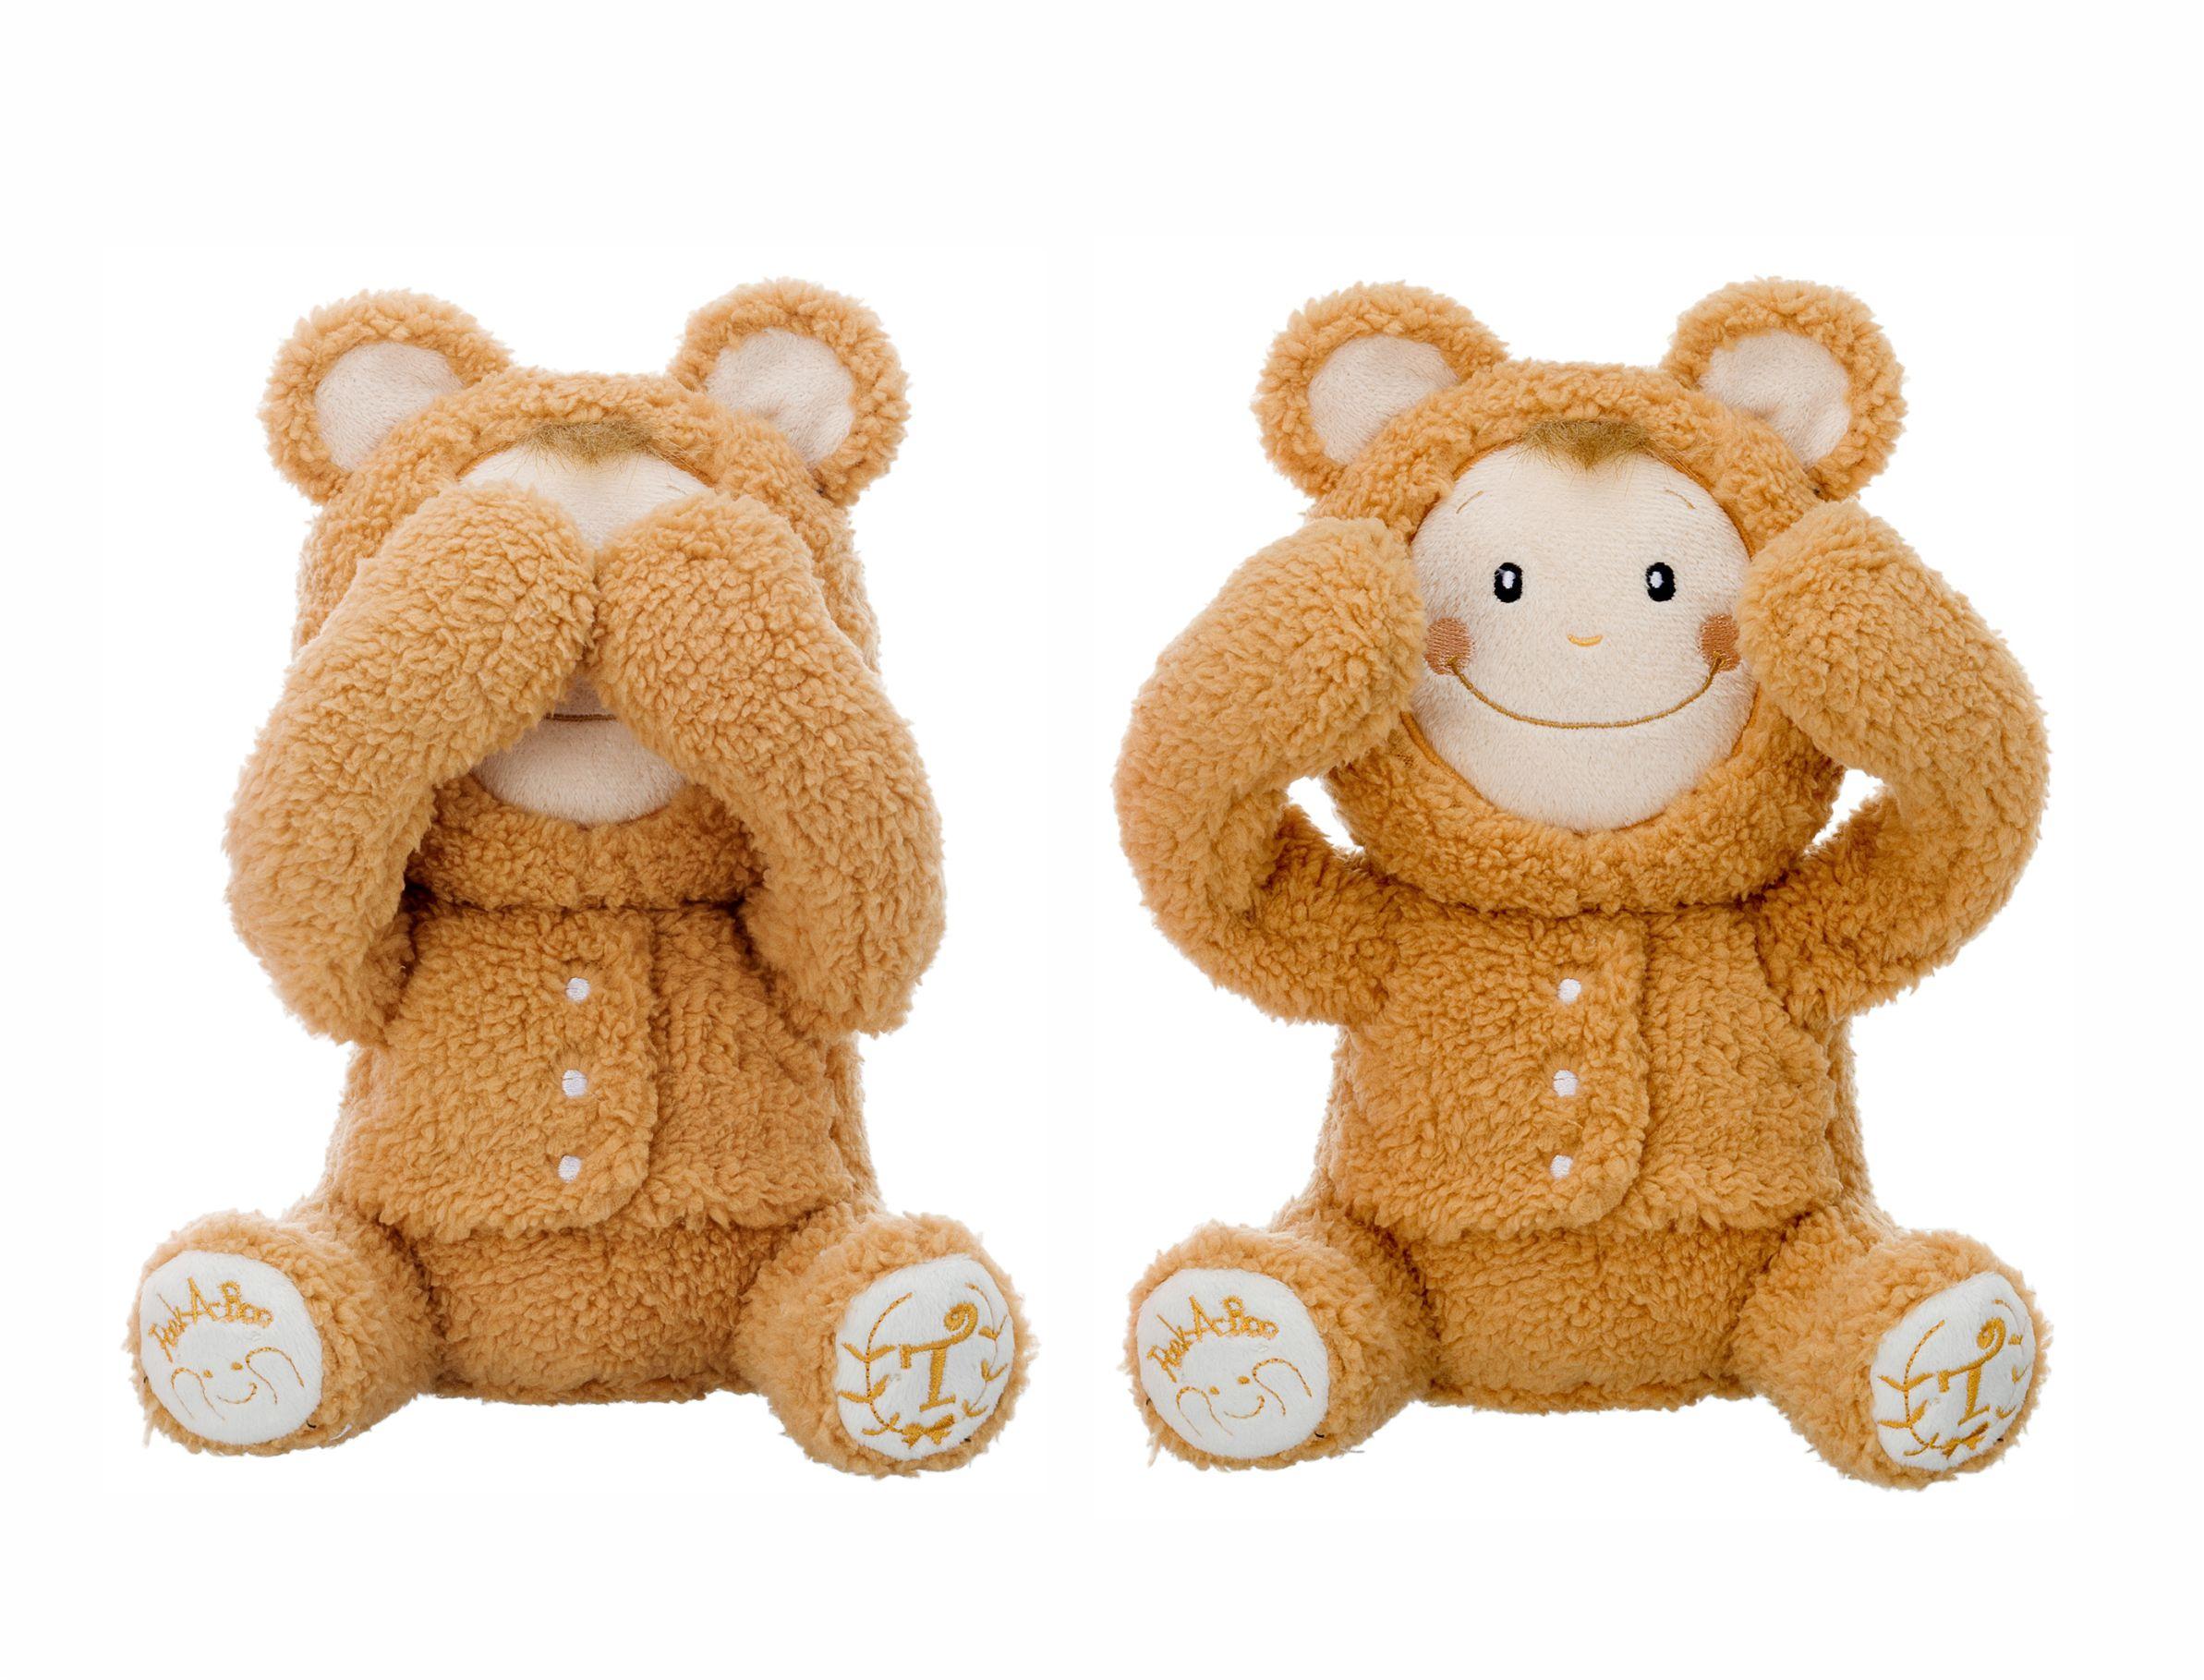 I.C.Peek-a-boo Игрушка-повторюшка Медвежонок, играет в Ку-ку, закрывает глазки, смеется, арт.01732